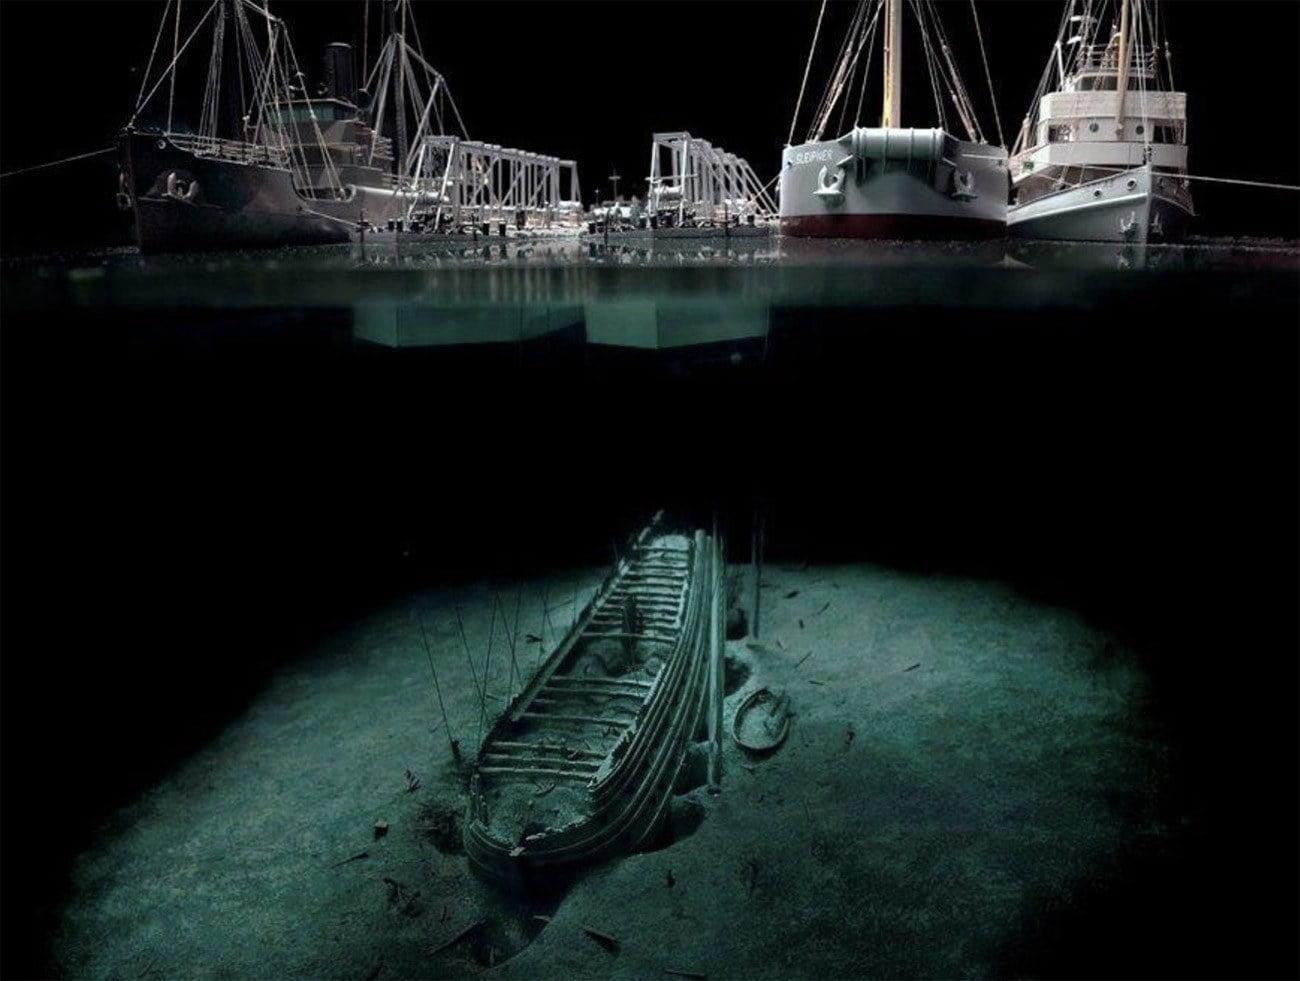 Imagem do navio Vasa debaixo d'água